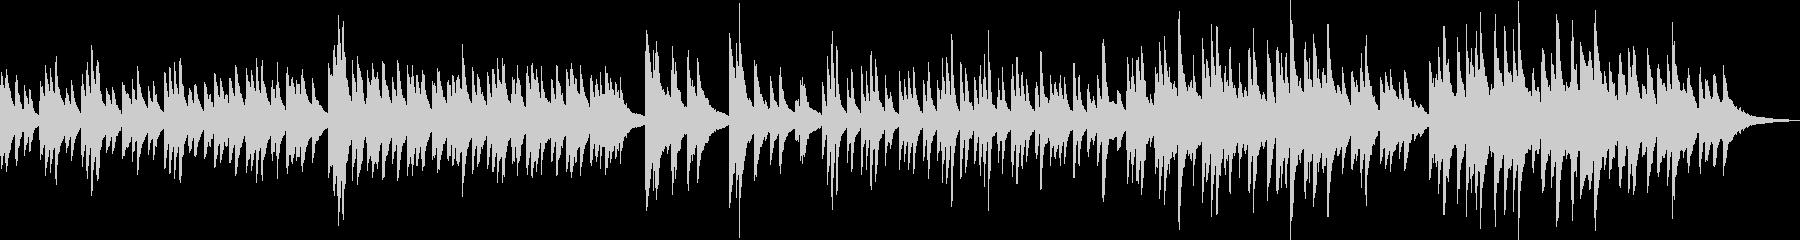 仲直りの曲(ピアノ・優しい・感動)の未再生の波形